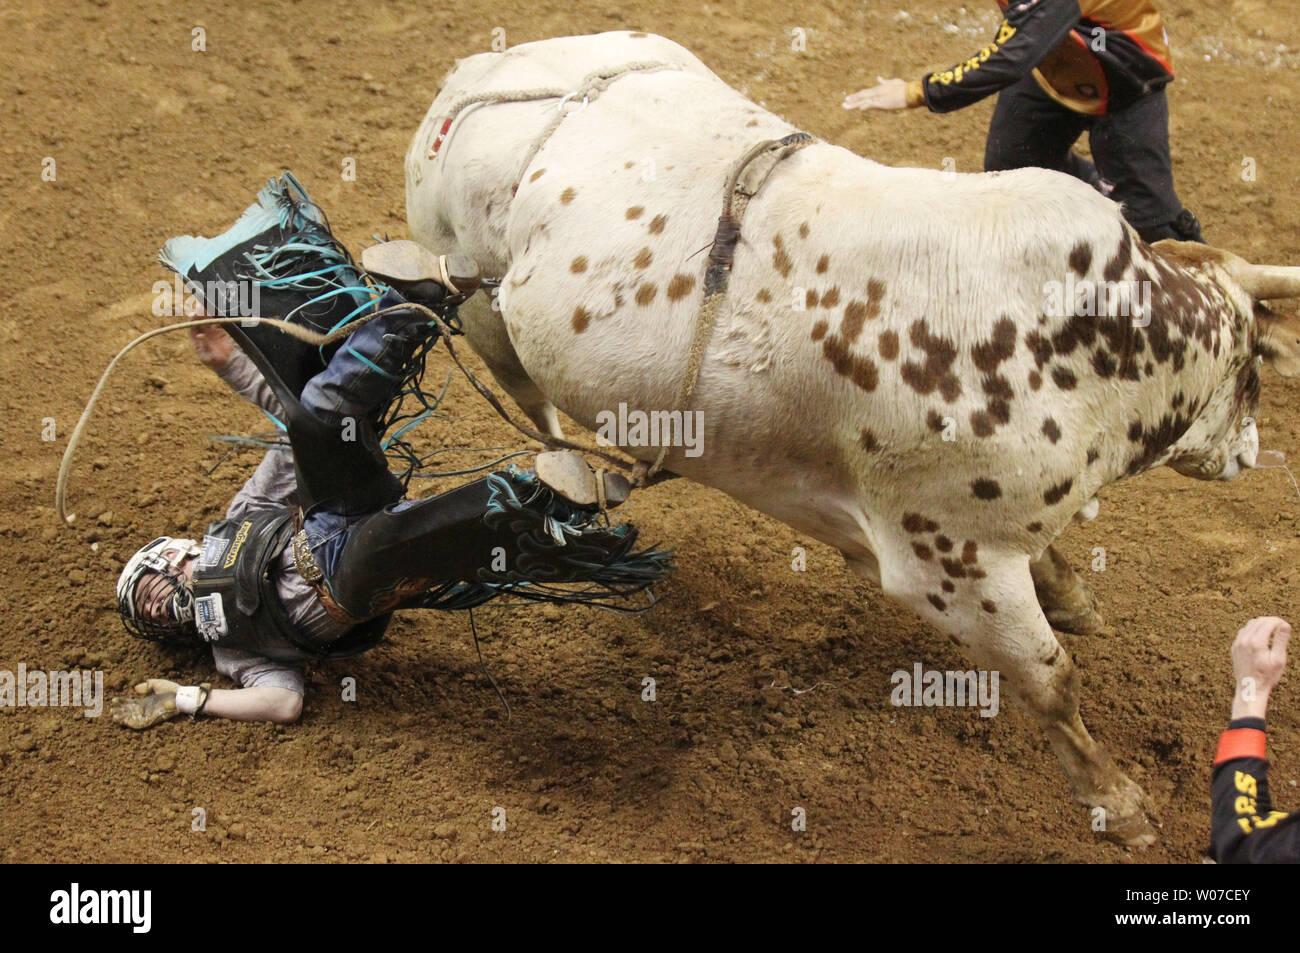 Gage Gay urta il suolo dopo la caduta Hidalgo il toro durante il terzo round della Professional Bull piloti al Scottrade Center di San Luigi il 16 febbraio 2014. UPI/Bill Greenblatt Immagini Stock